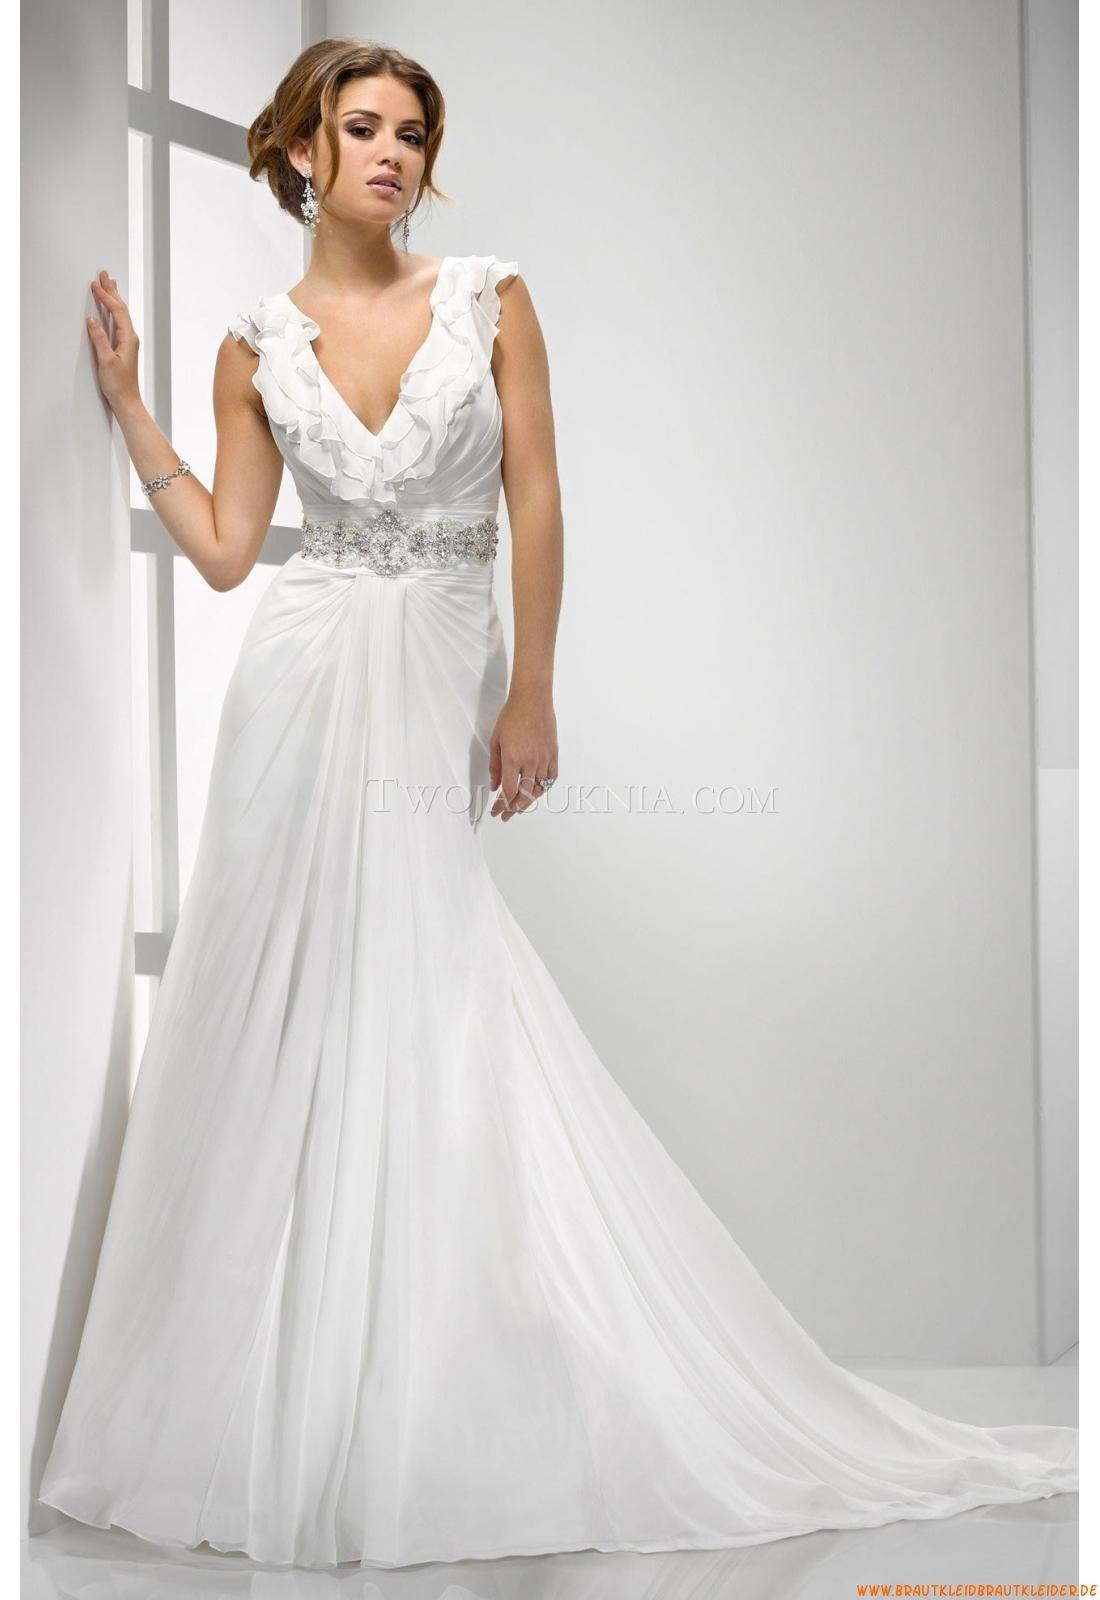 Knöchellang Designer Brautkleider | brautkleider übergröße ...